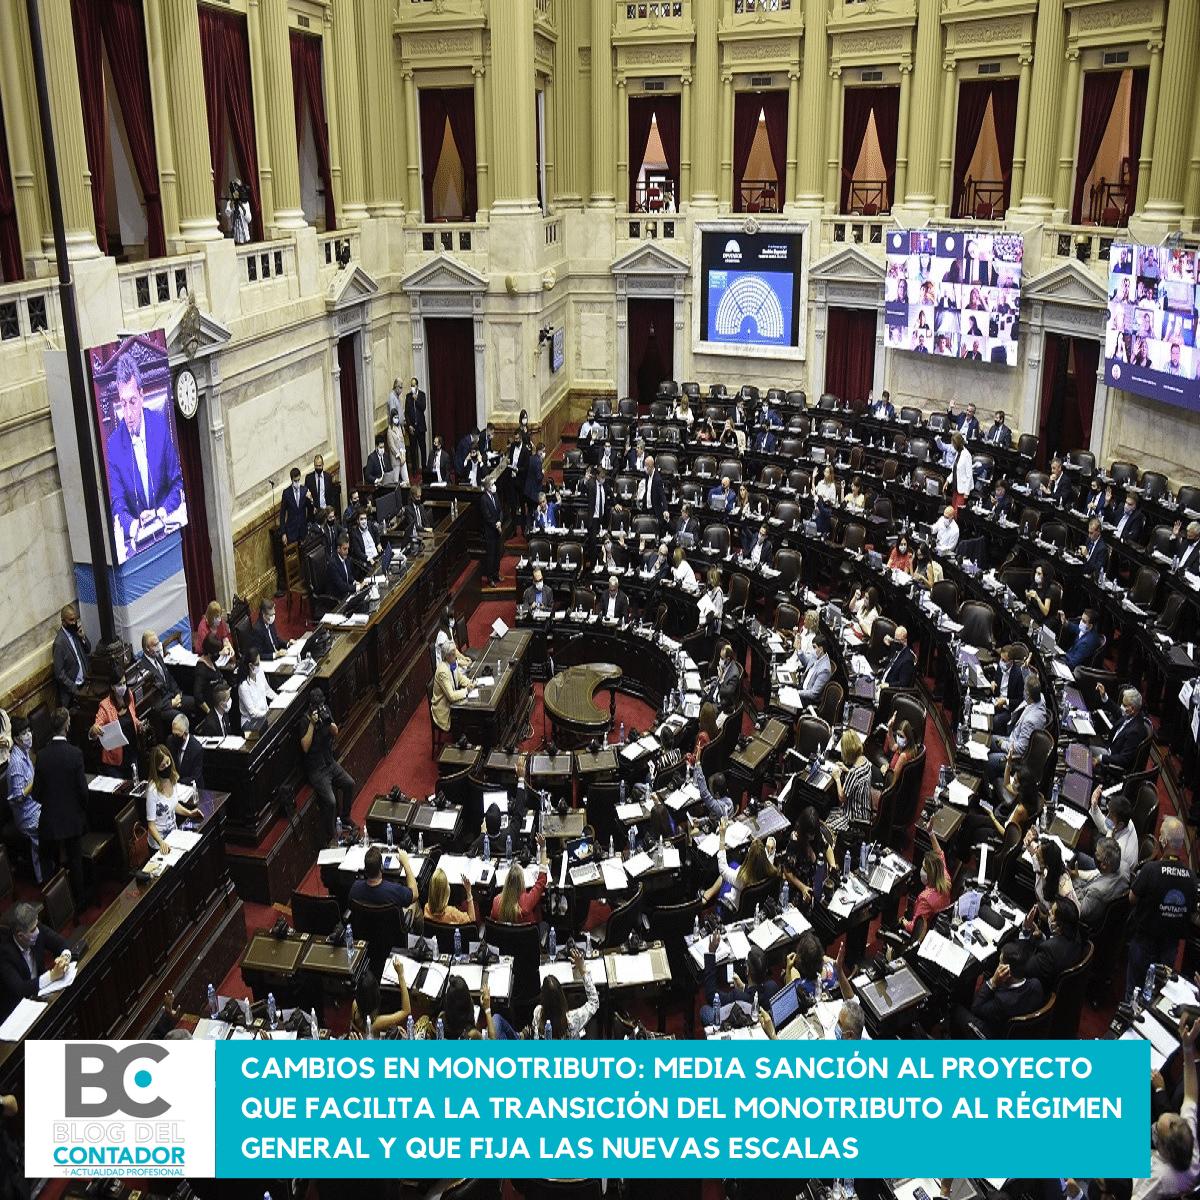 Cambios en monotributo_ media sanción al proyecto que facilita la transición del monotributo al régimen general y que fija las nuevas escalas